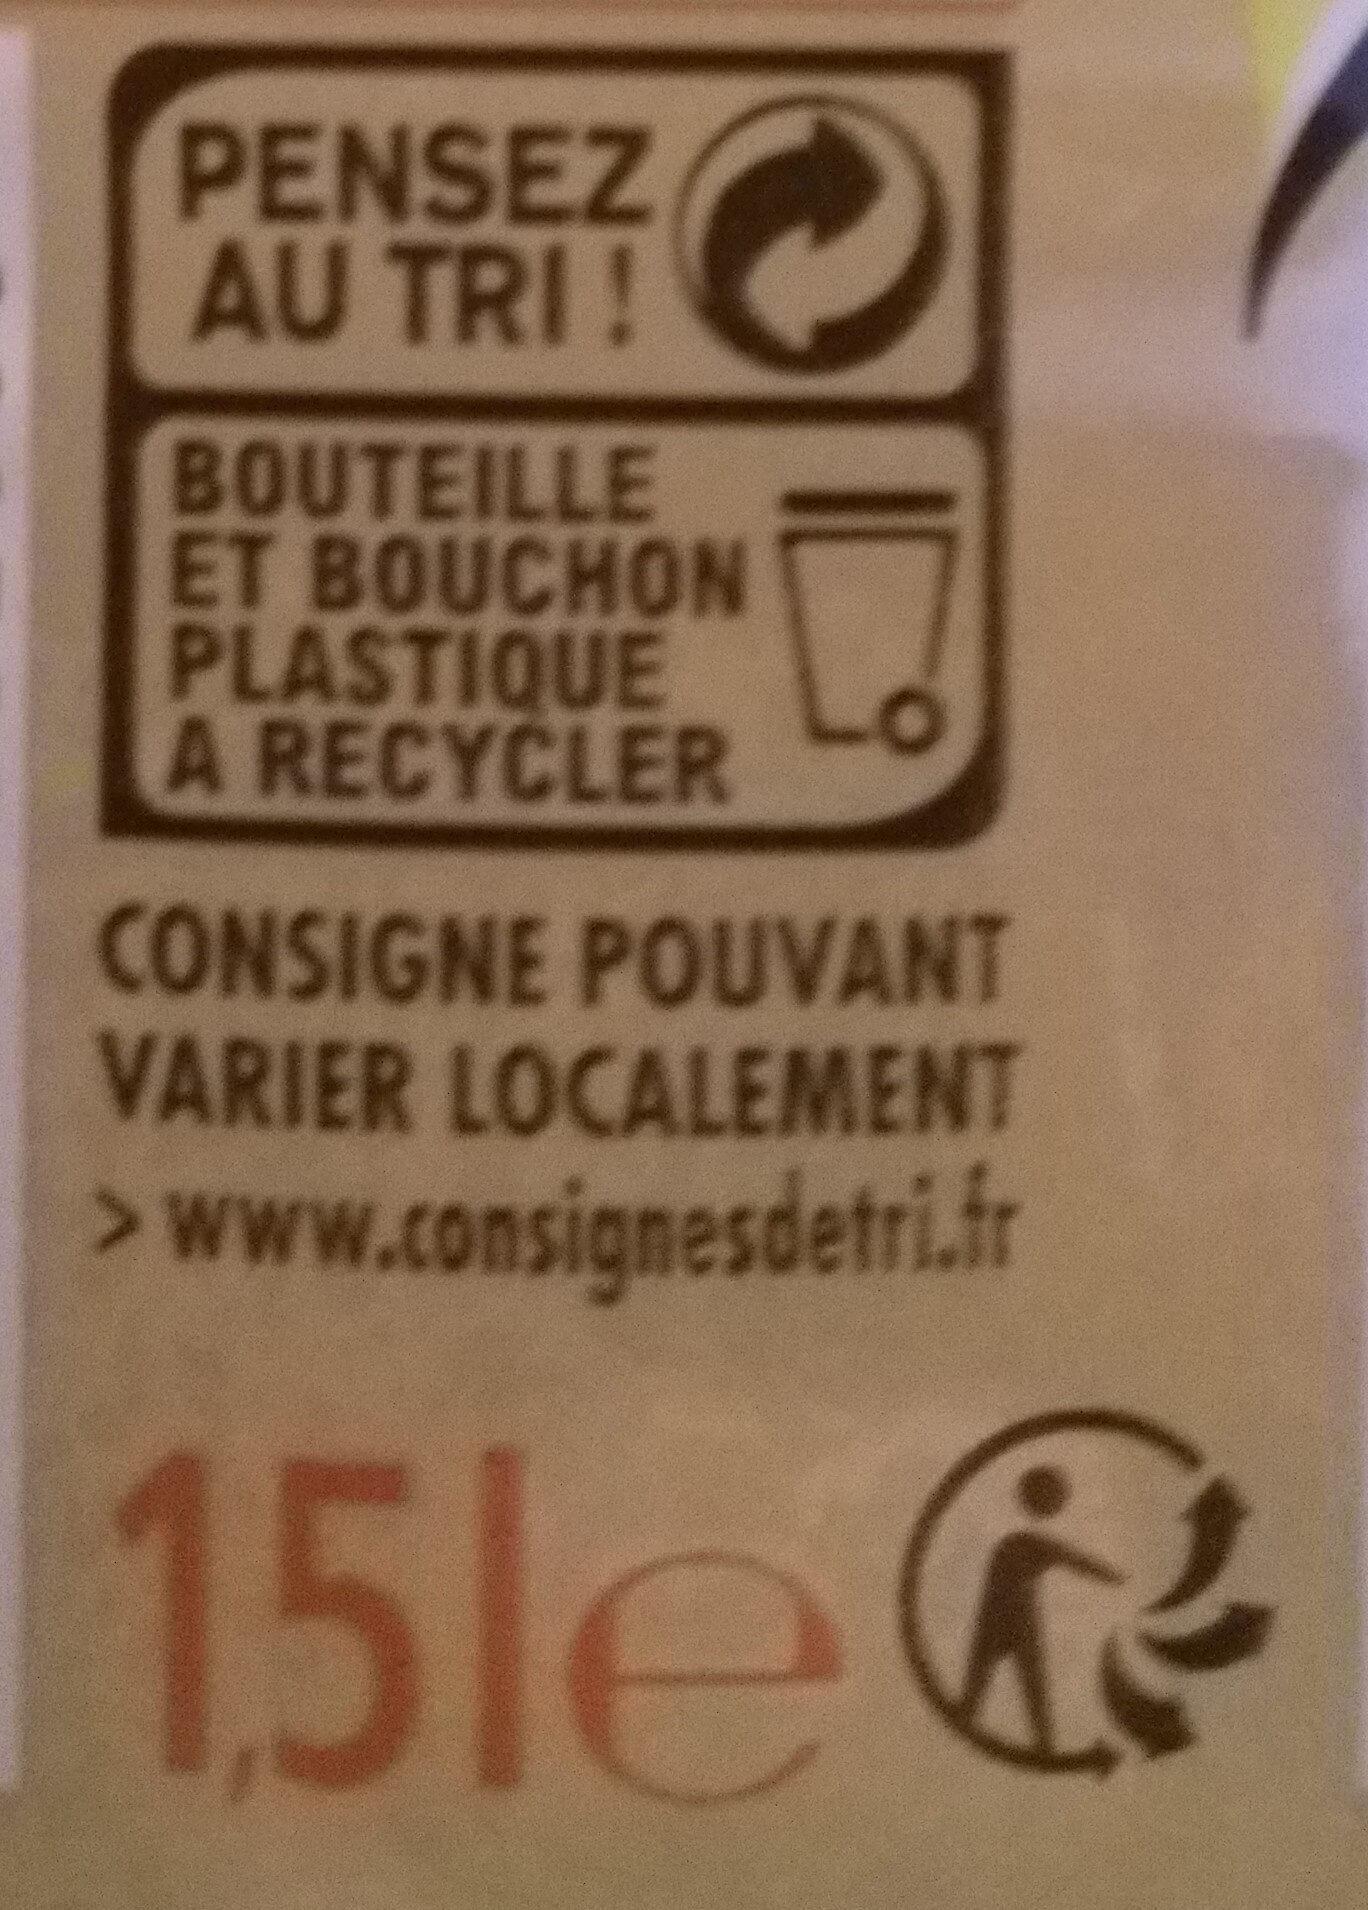 Zero Agrumes - Istruzioni per il riciclaggio e/o informazioni sull'imballaggio - fr